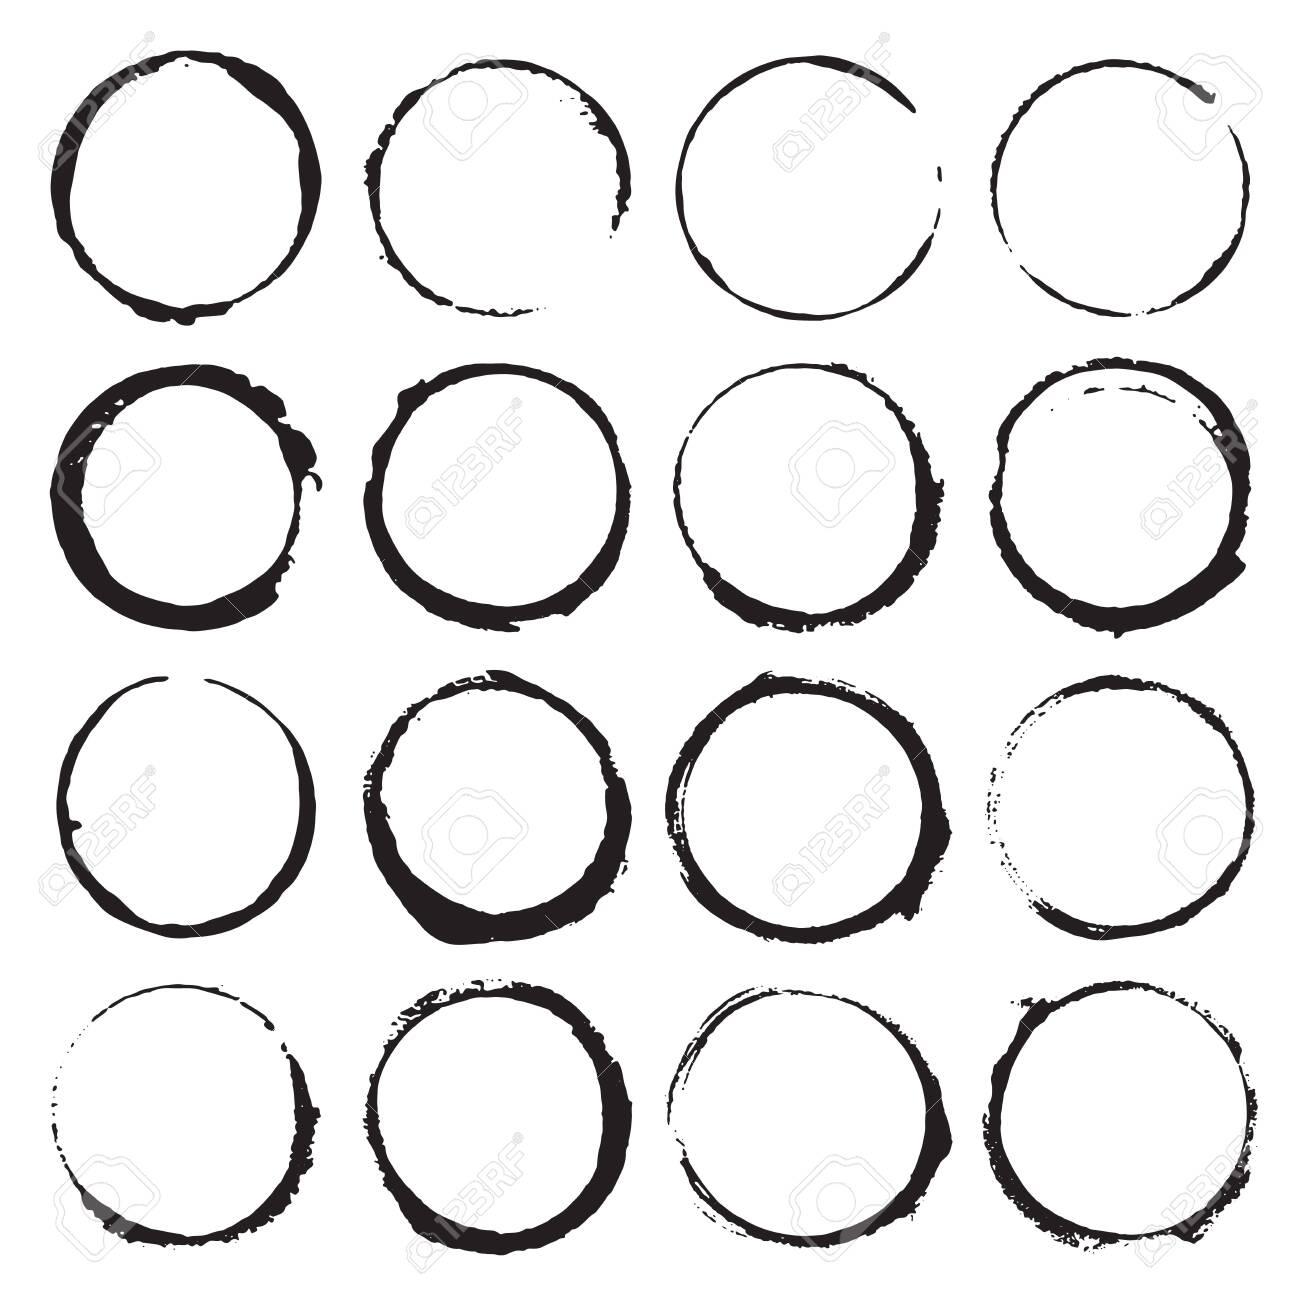 Round Frames, grunge textured hand drawn elements set, vector illustration. - 123084708